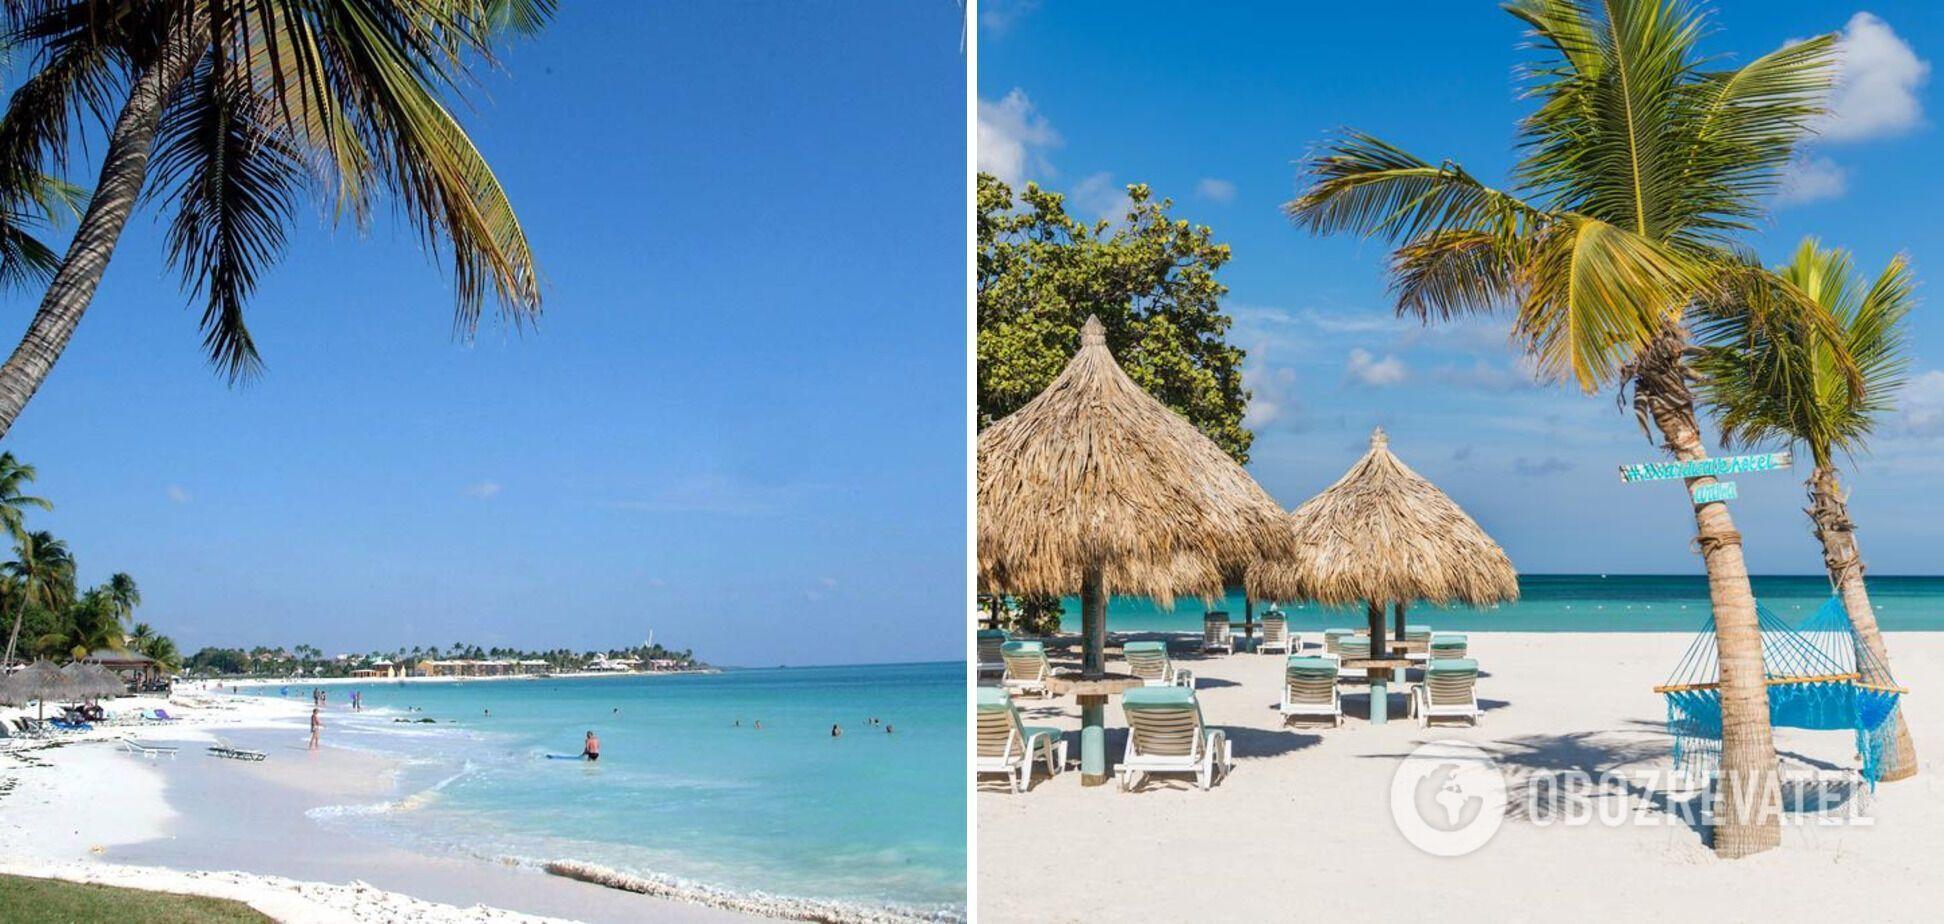 Ігл-Біч, острів Аруба на Карибах вирізнюється з-поміж інших білосніжним піском.